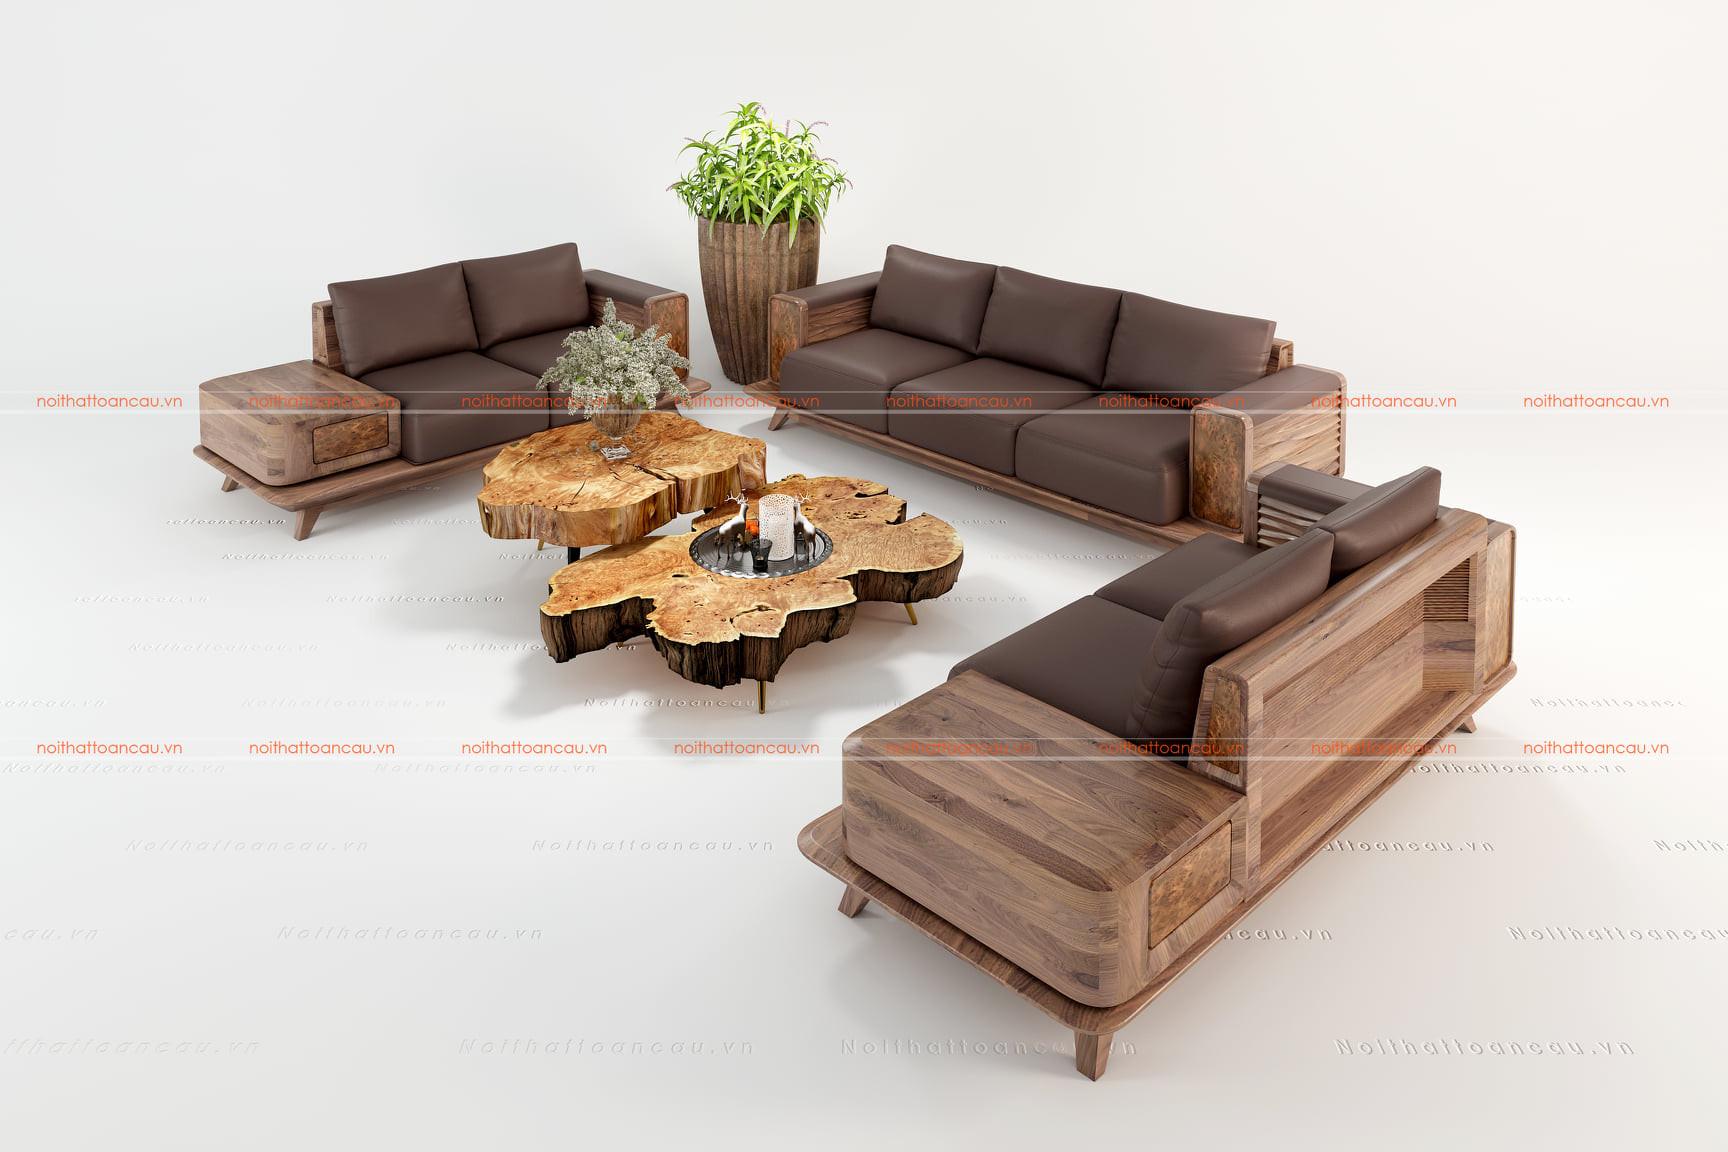 Sofa gỗ óc chó cho nhà biệt thự